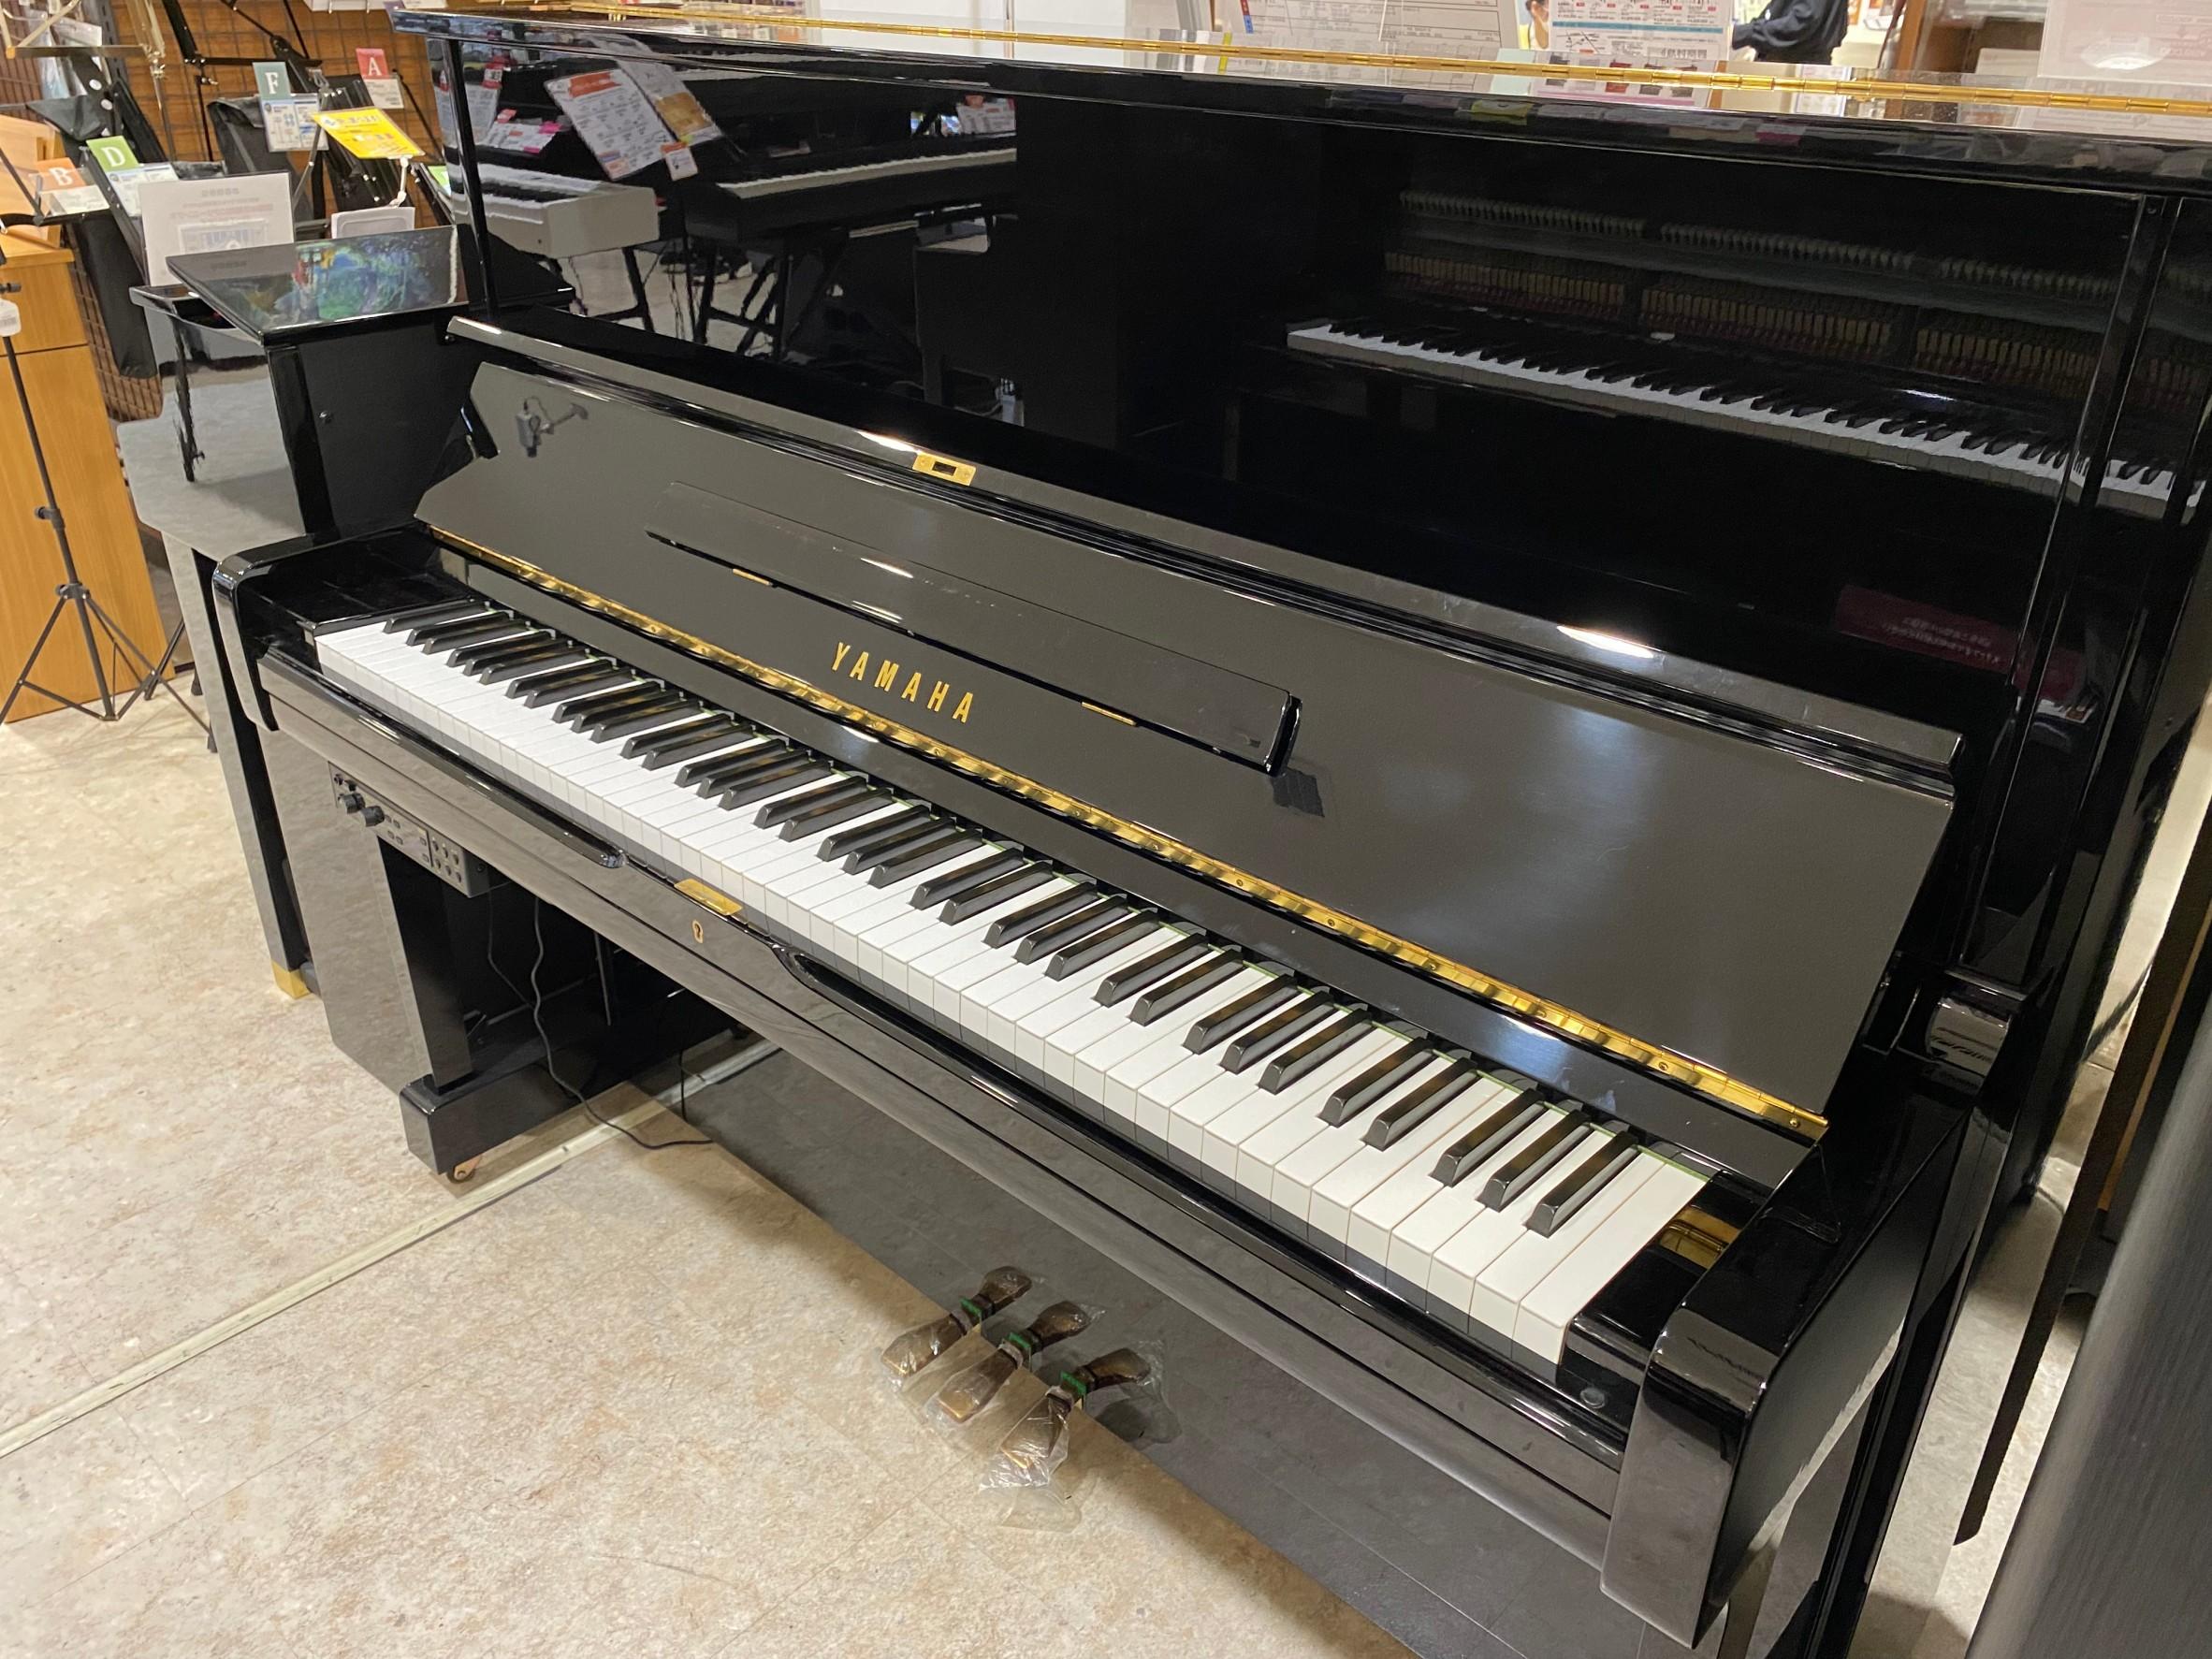 島村楽器 赤羽 アップライトピアノ アコースティックピアノ ヤマハ 中古